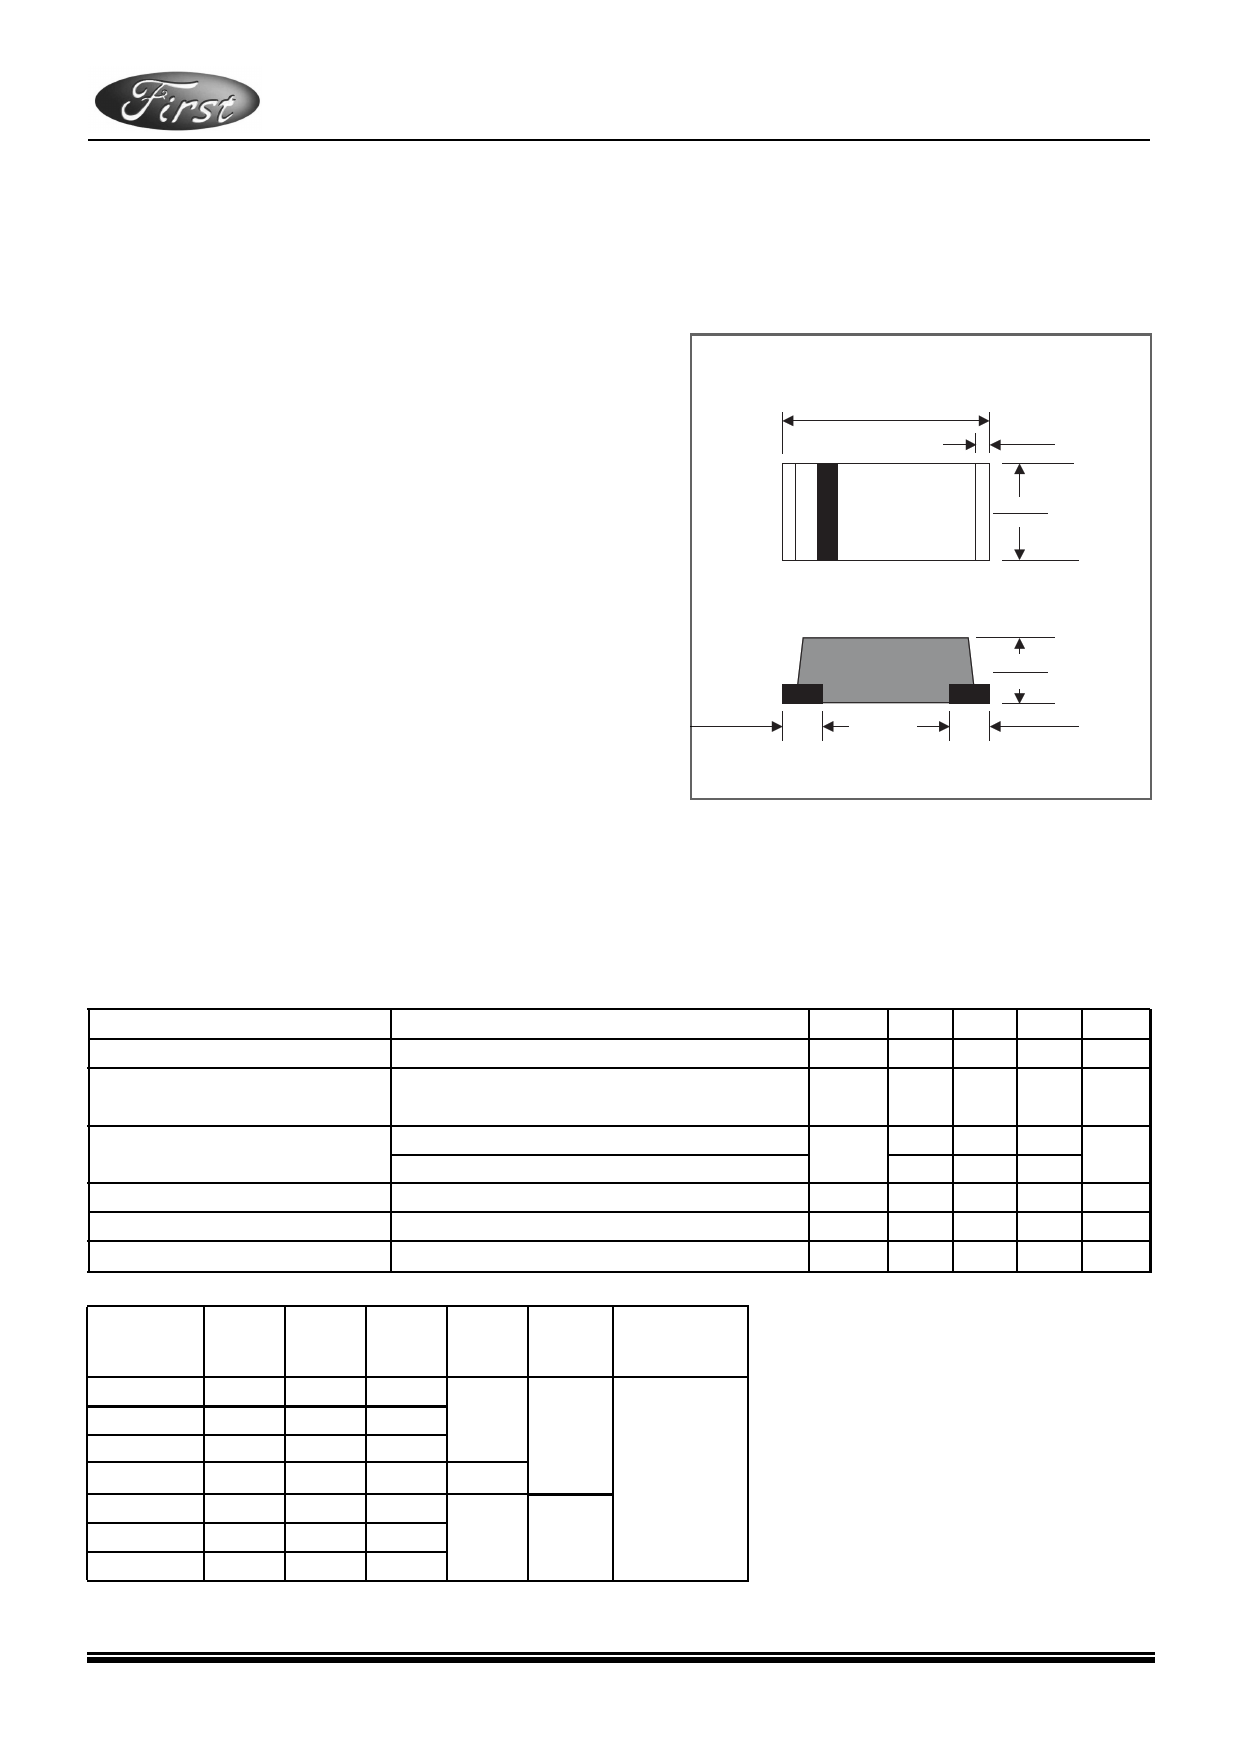 MURA380G Datasheet